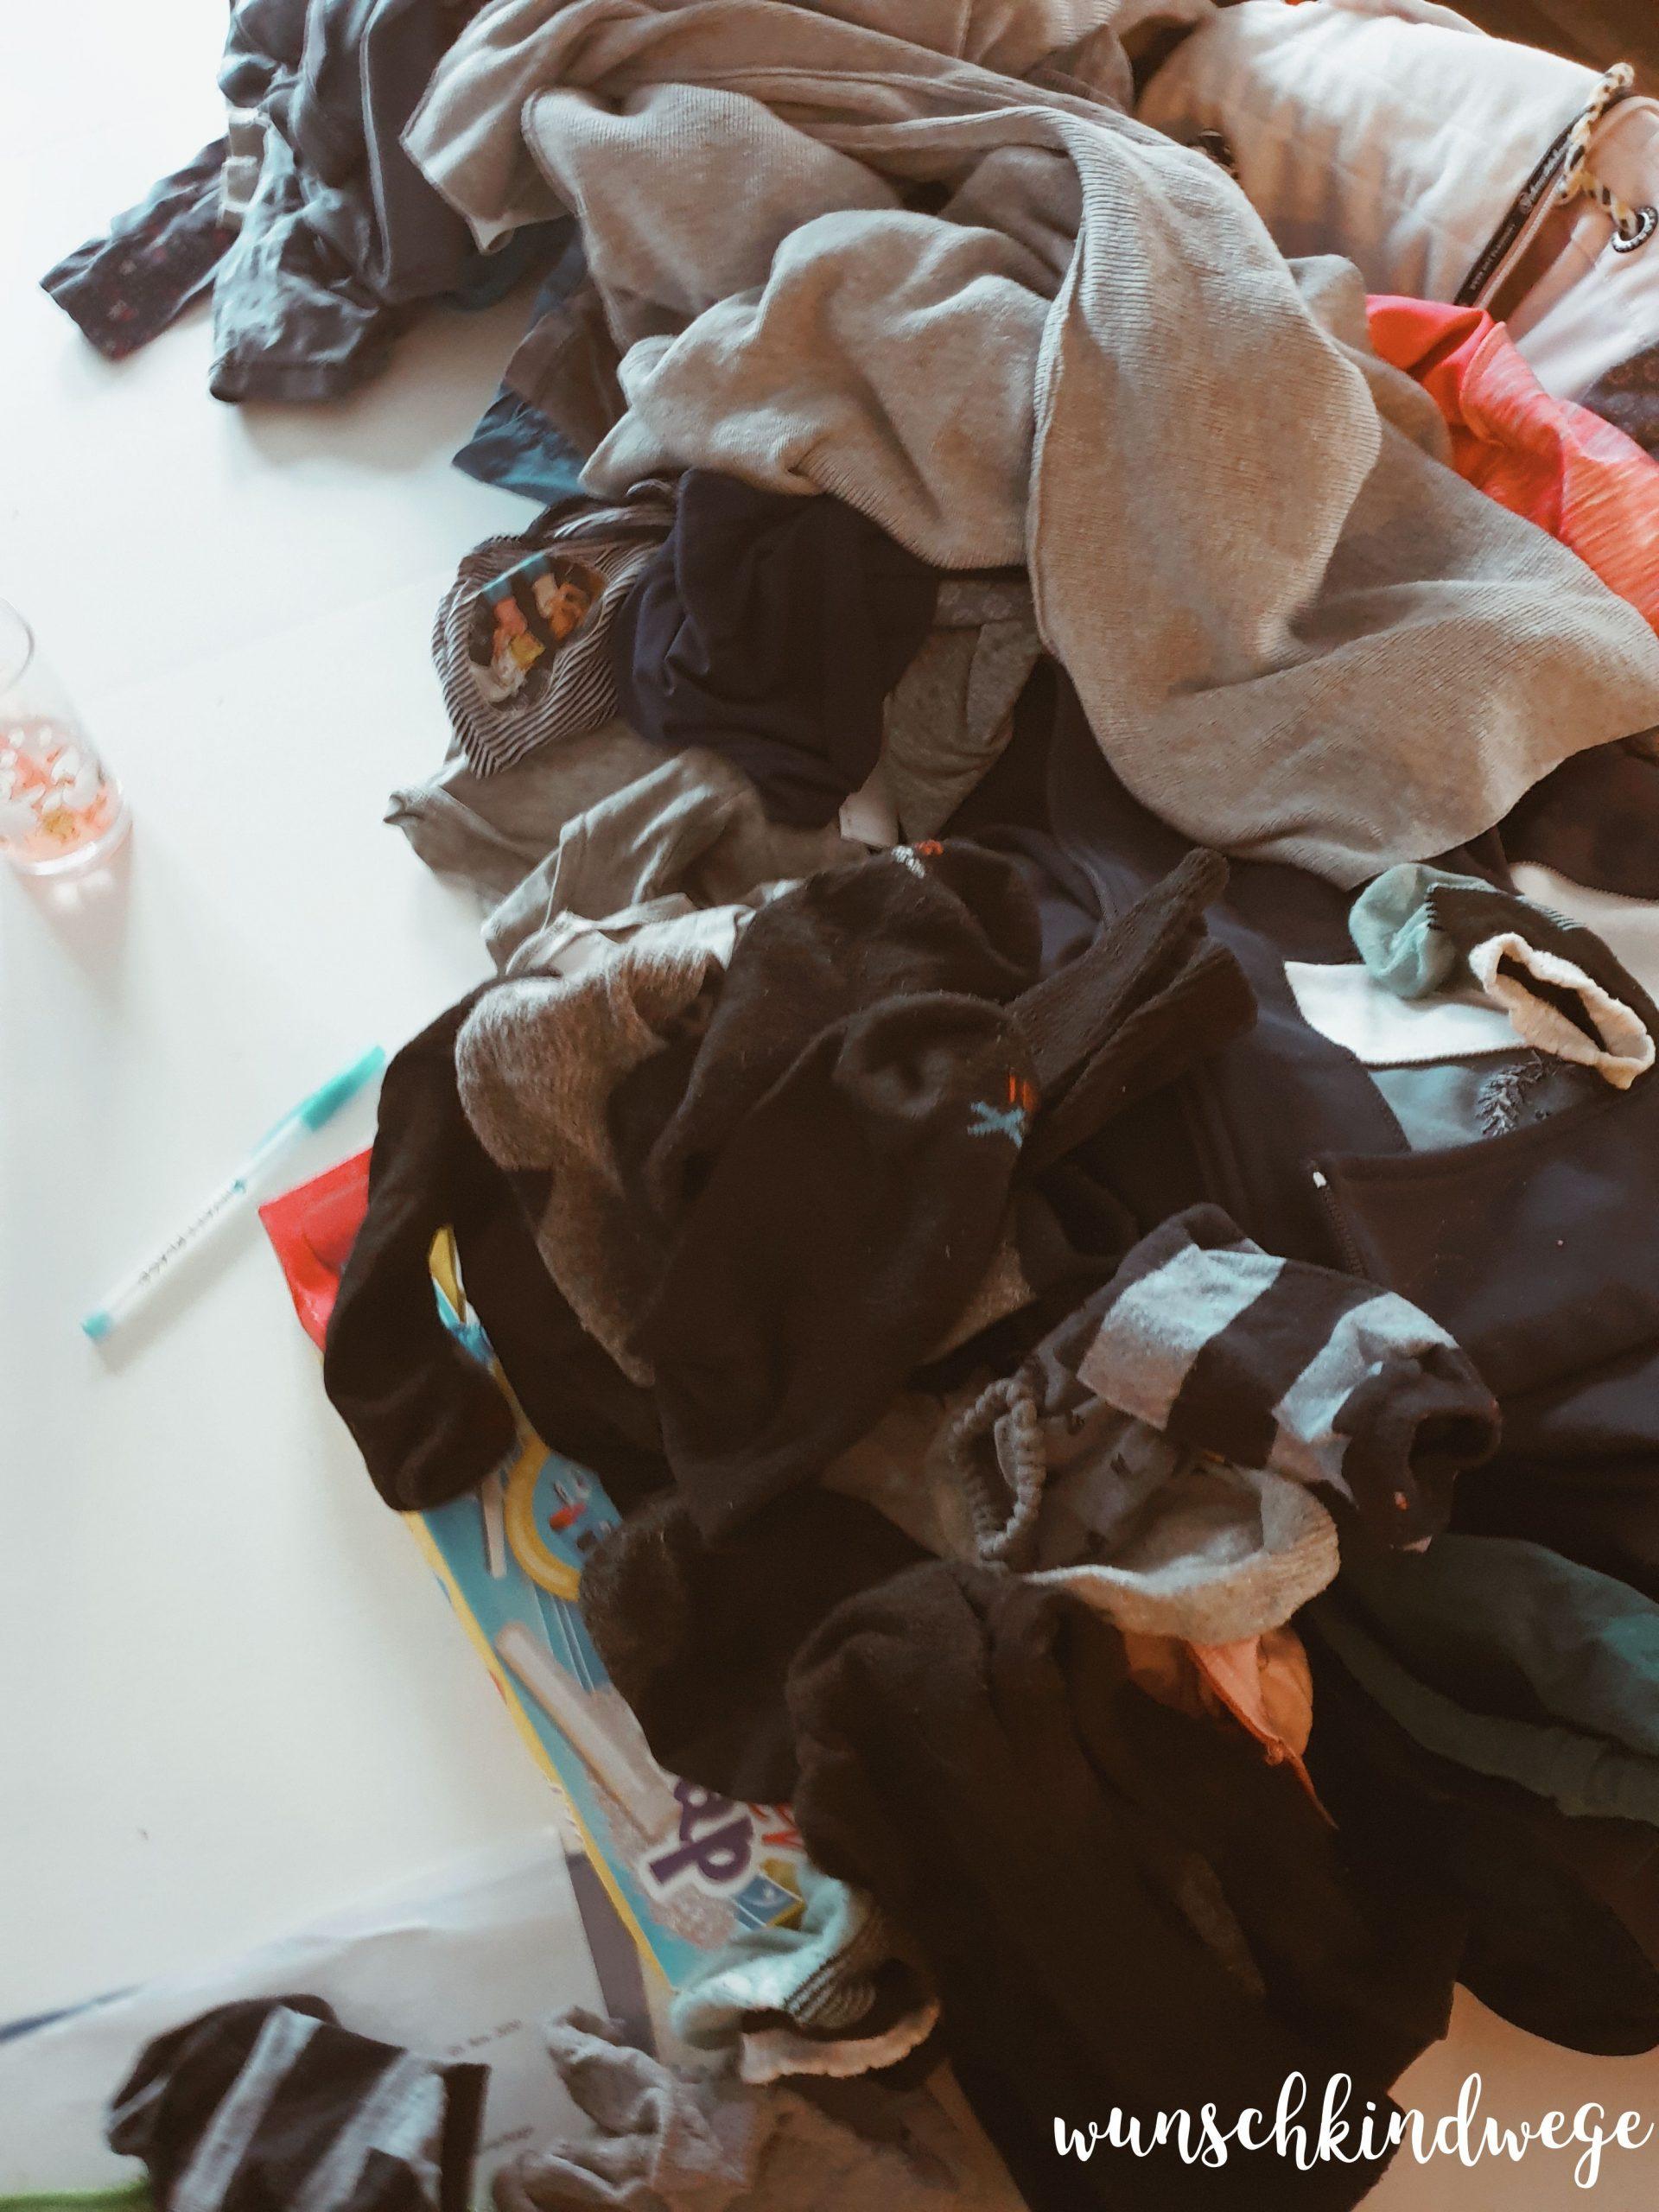 Wäscheberg - Was machst Du eigentlich den ganzen Tag